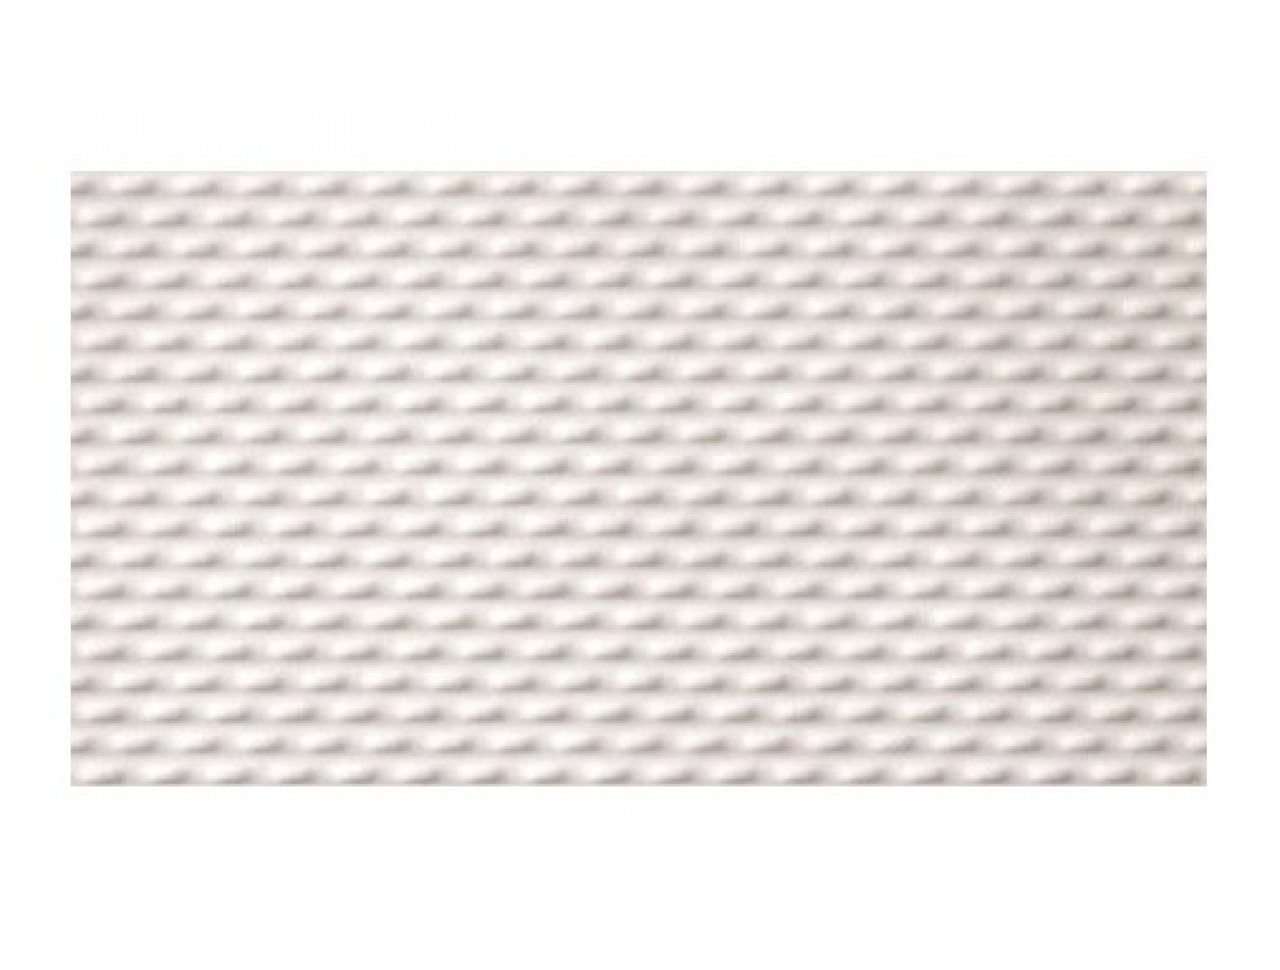 Настенная плитка FAP Frame Knot White 30.5 x 56 см, Арт. fLEQ